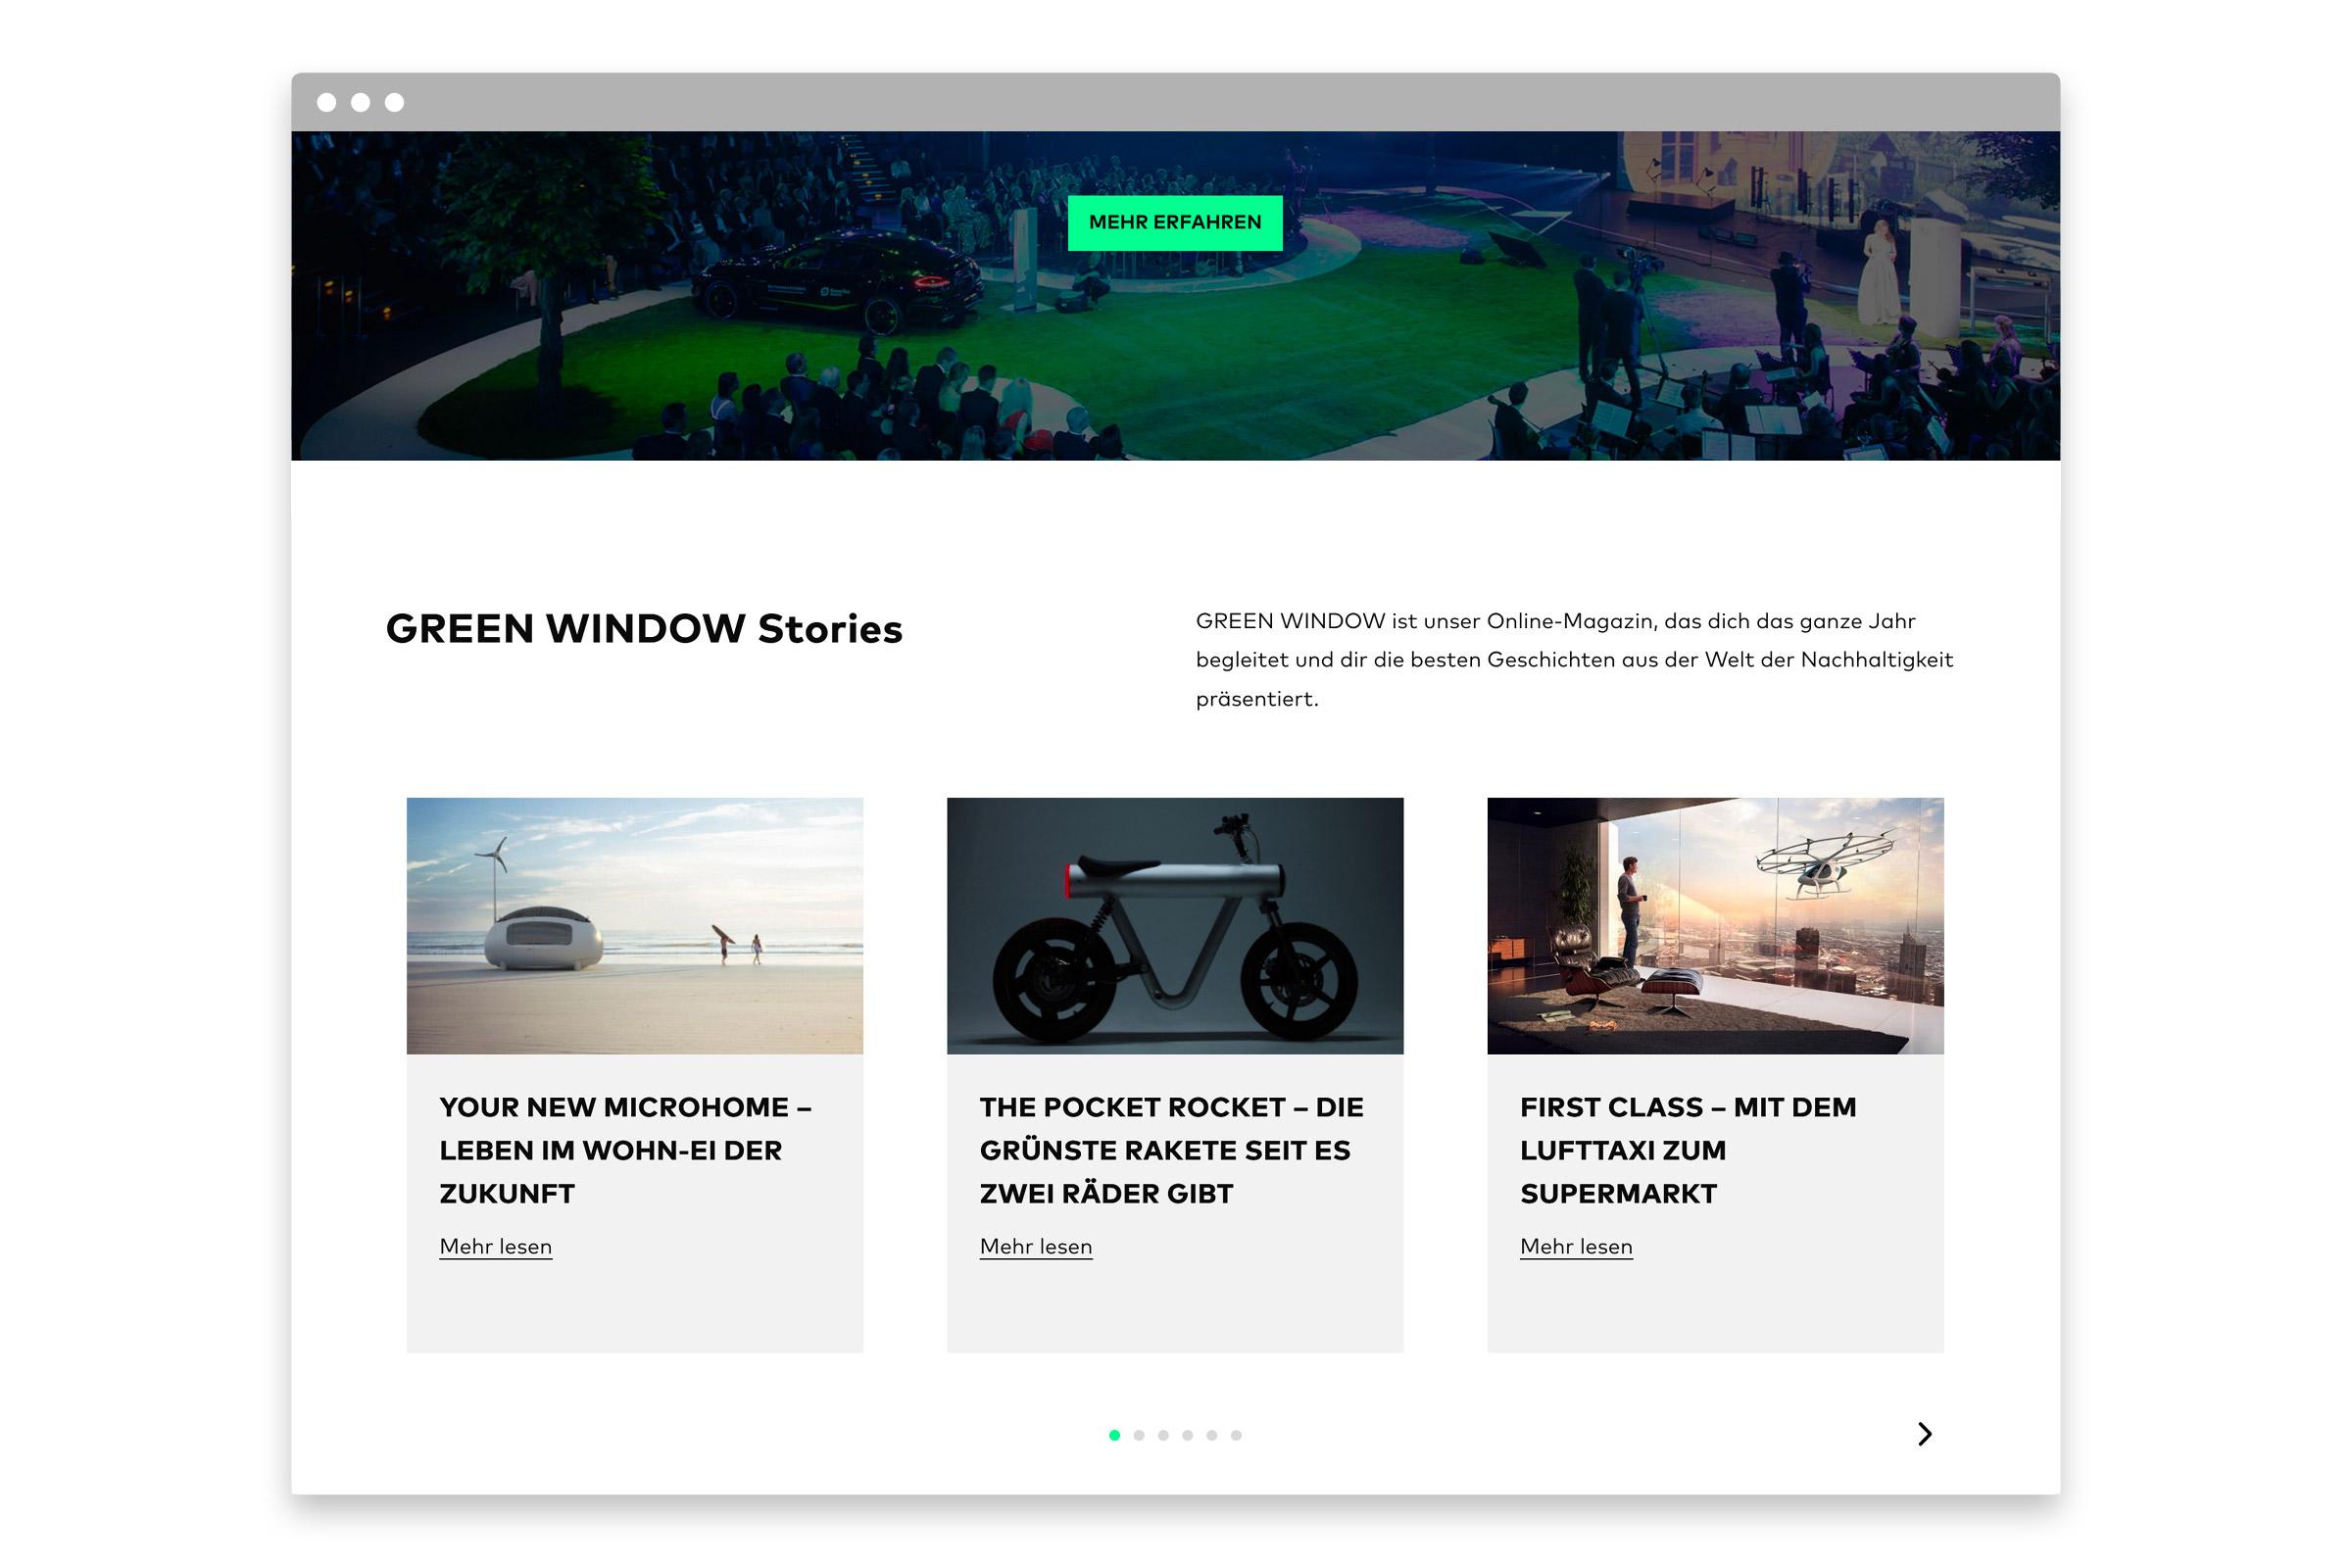 FLOK_GreenTech_Slides_6